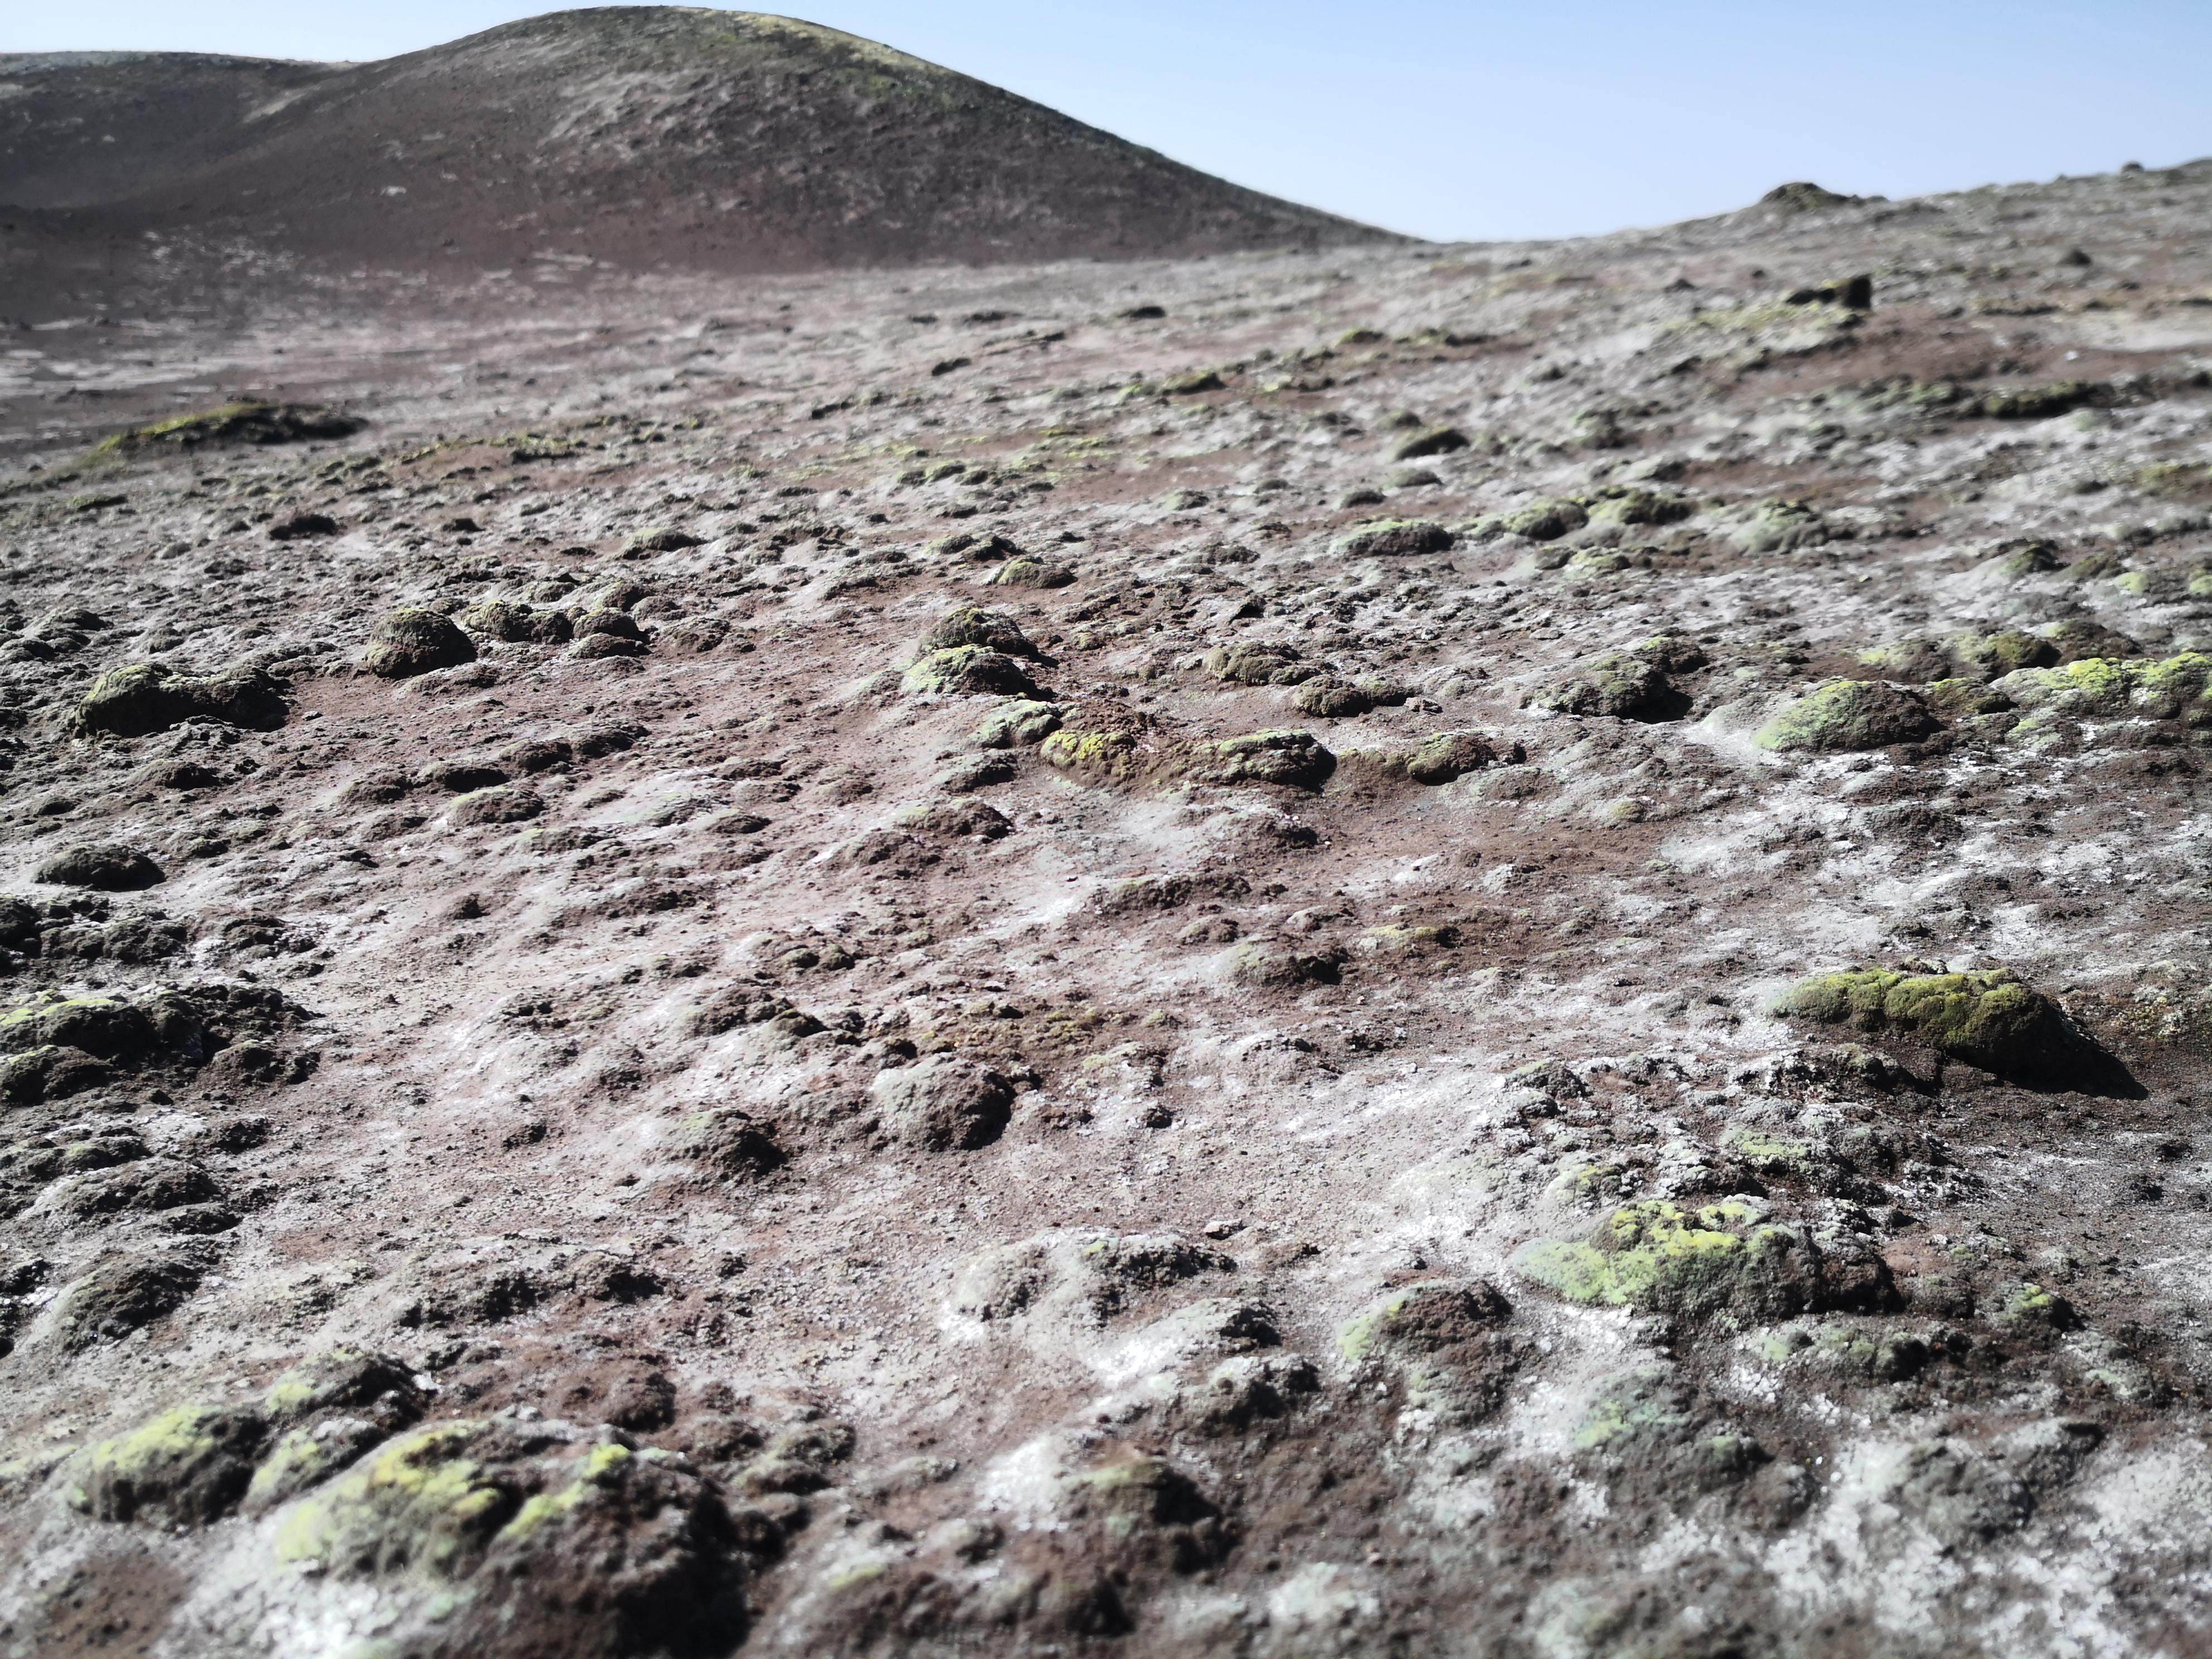 Campo-2019-21-Escursione-Etna